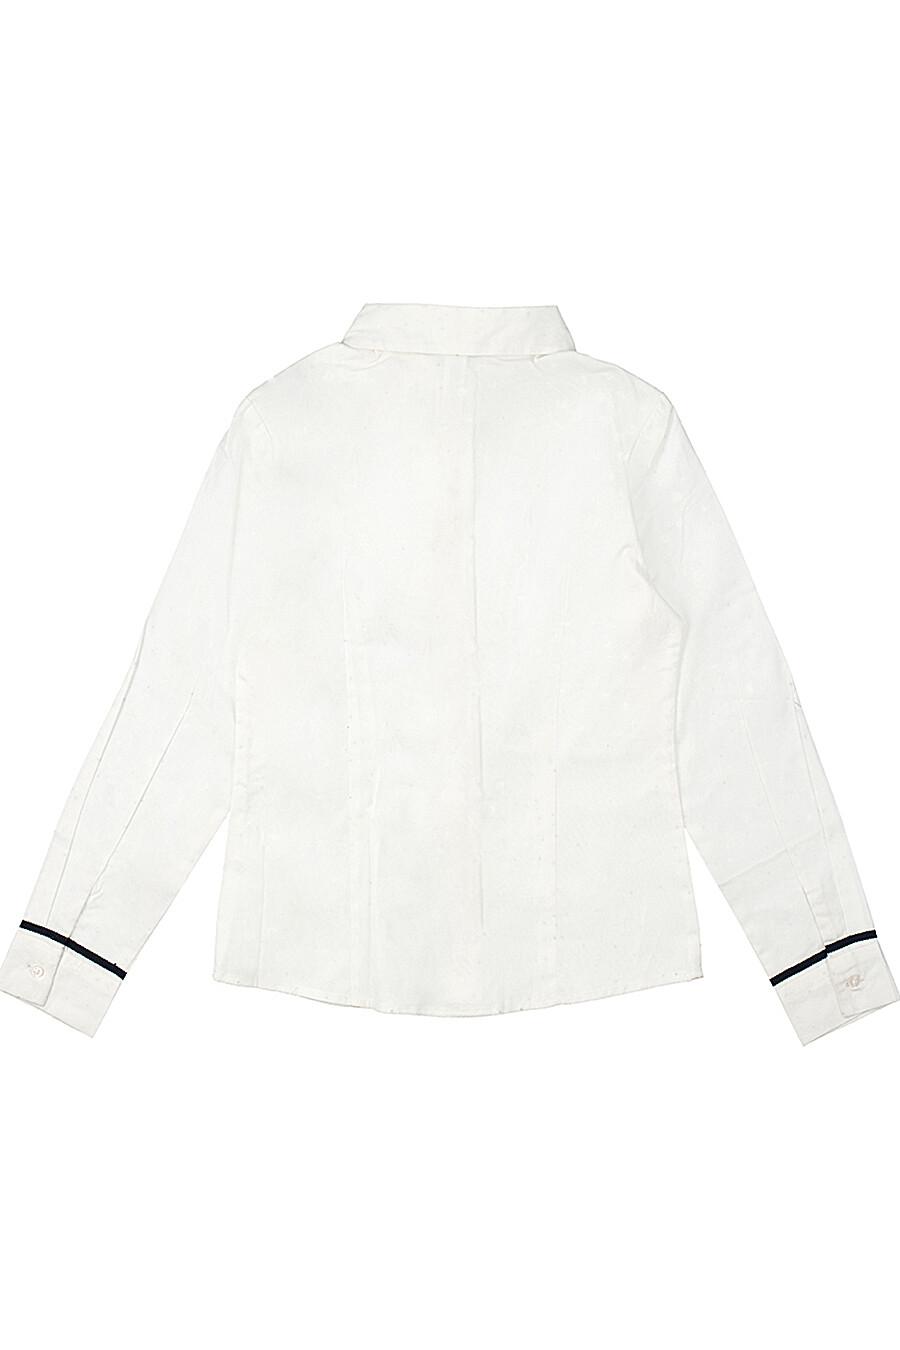 Блуза для девочек IN FUNT 219041 купить оптом от производителя. Совместная покупка детской одежды в OptMoyo